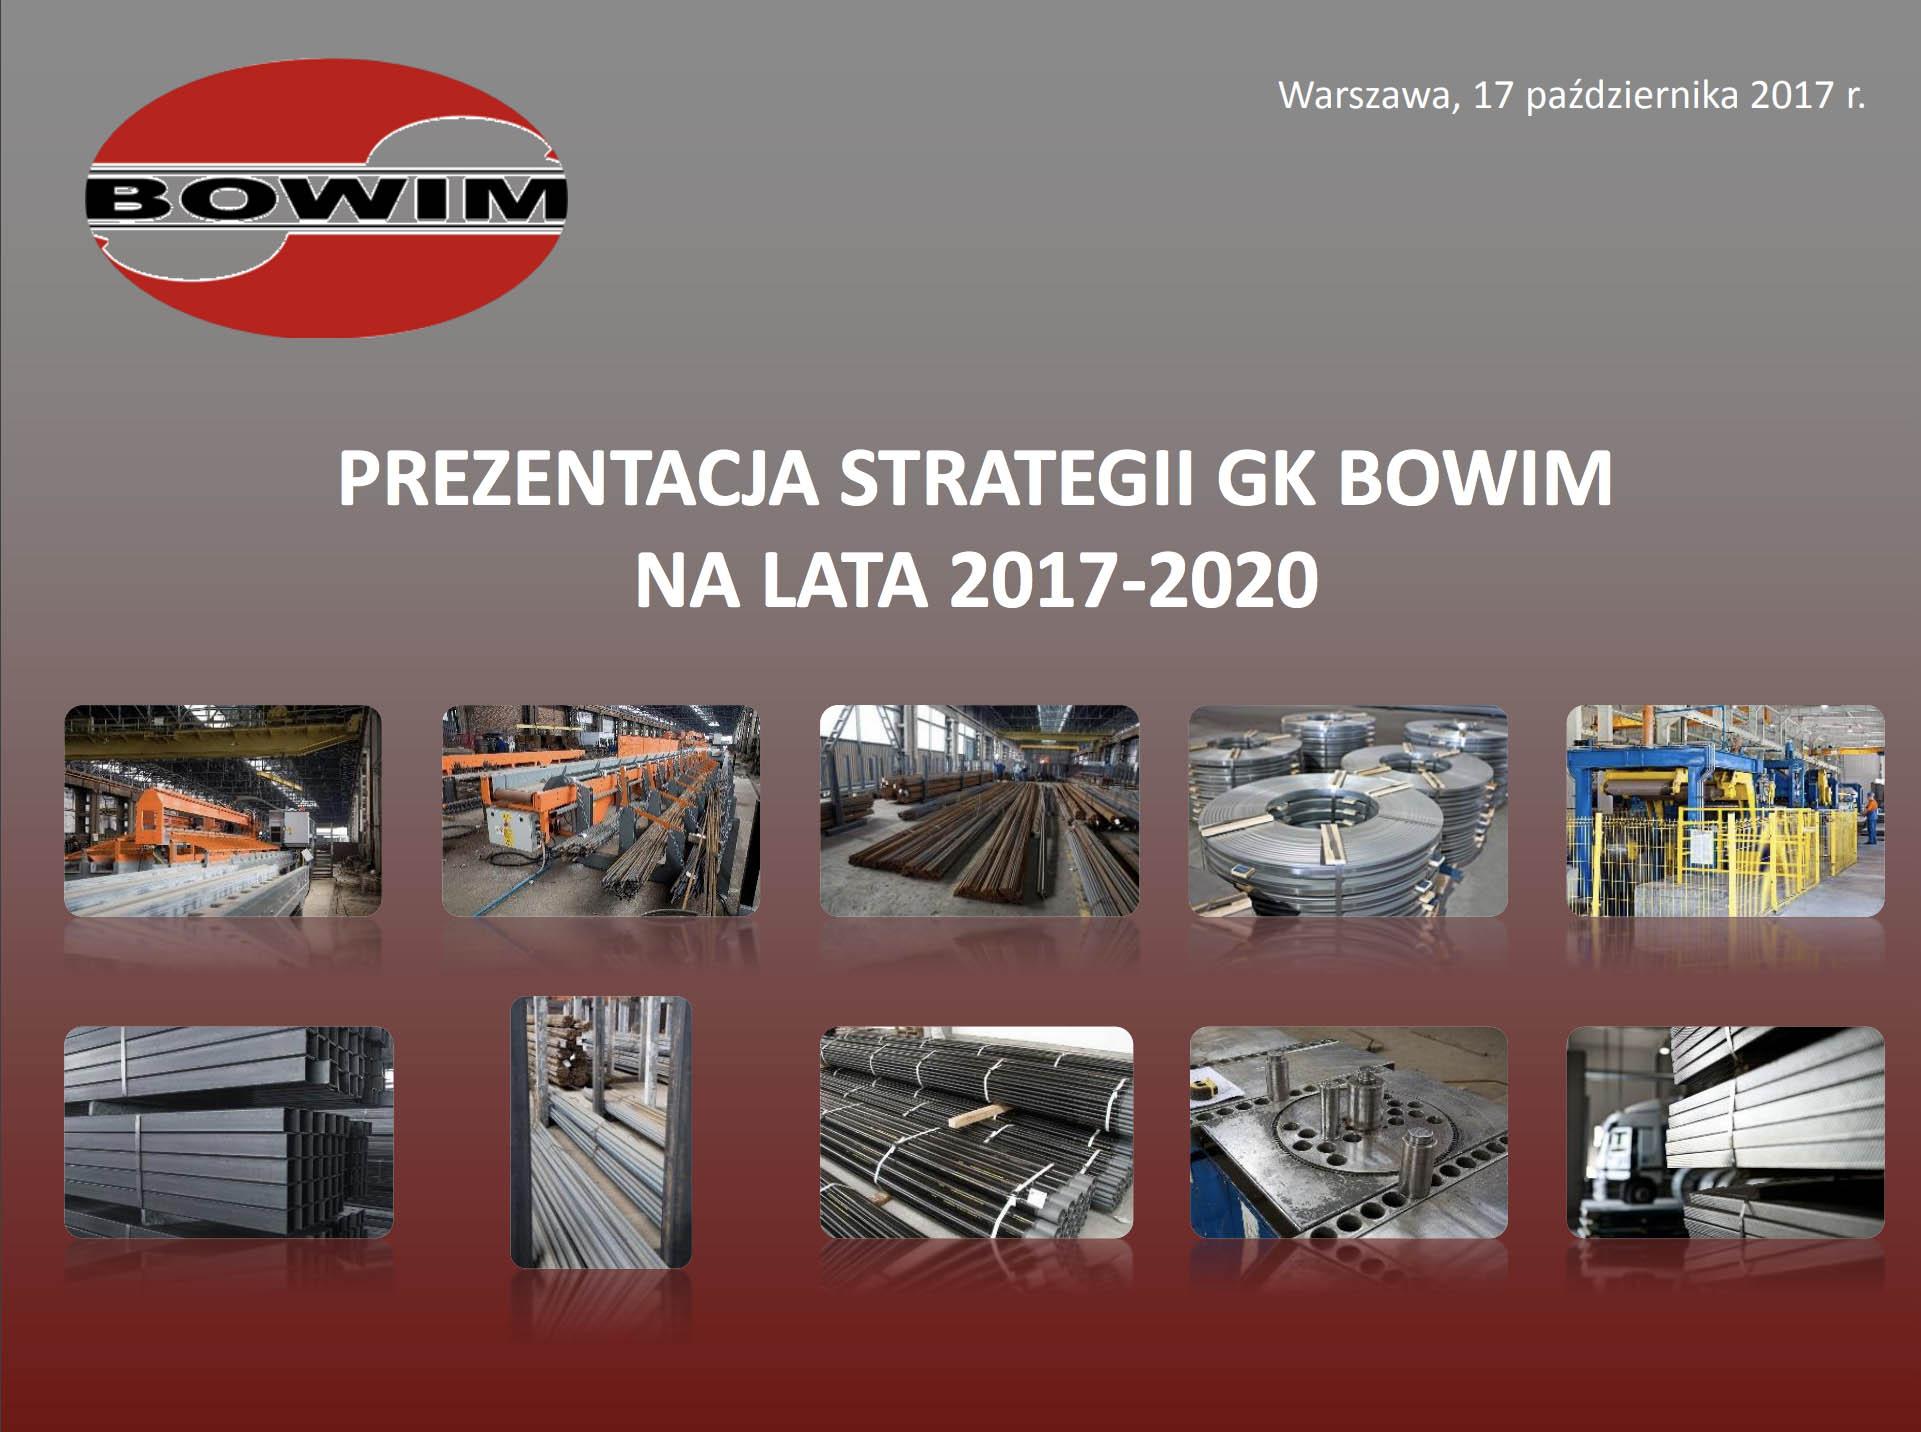 prezentacja strategii gk bowim na lata 2017-2020